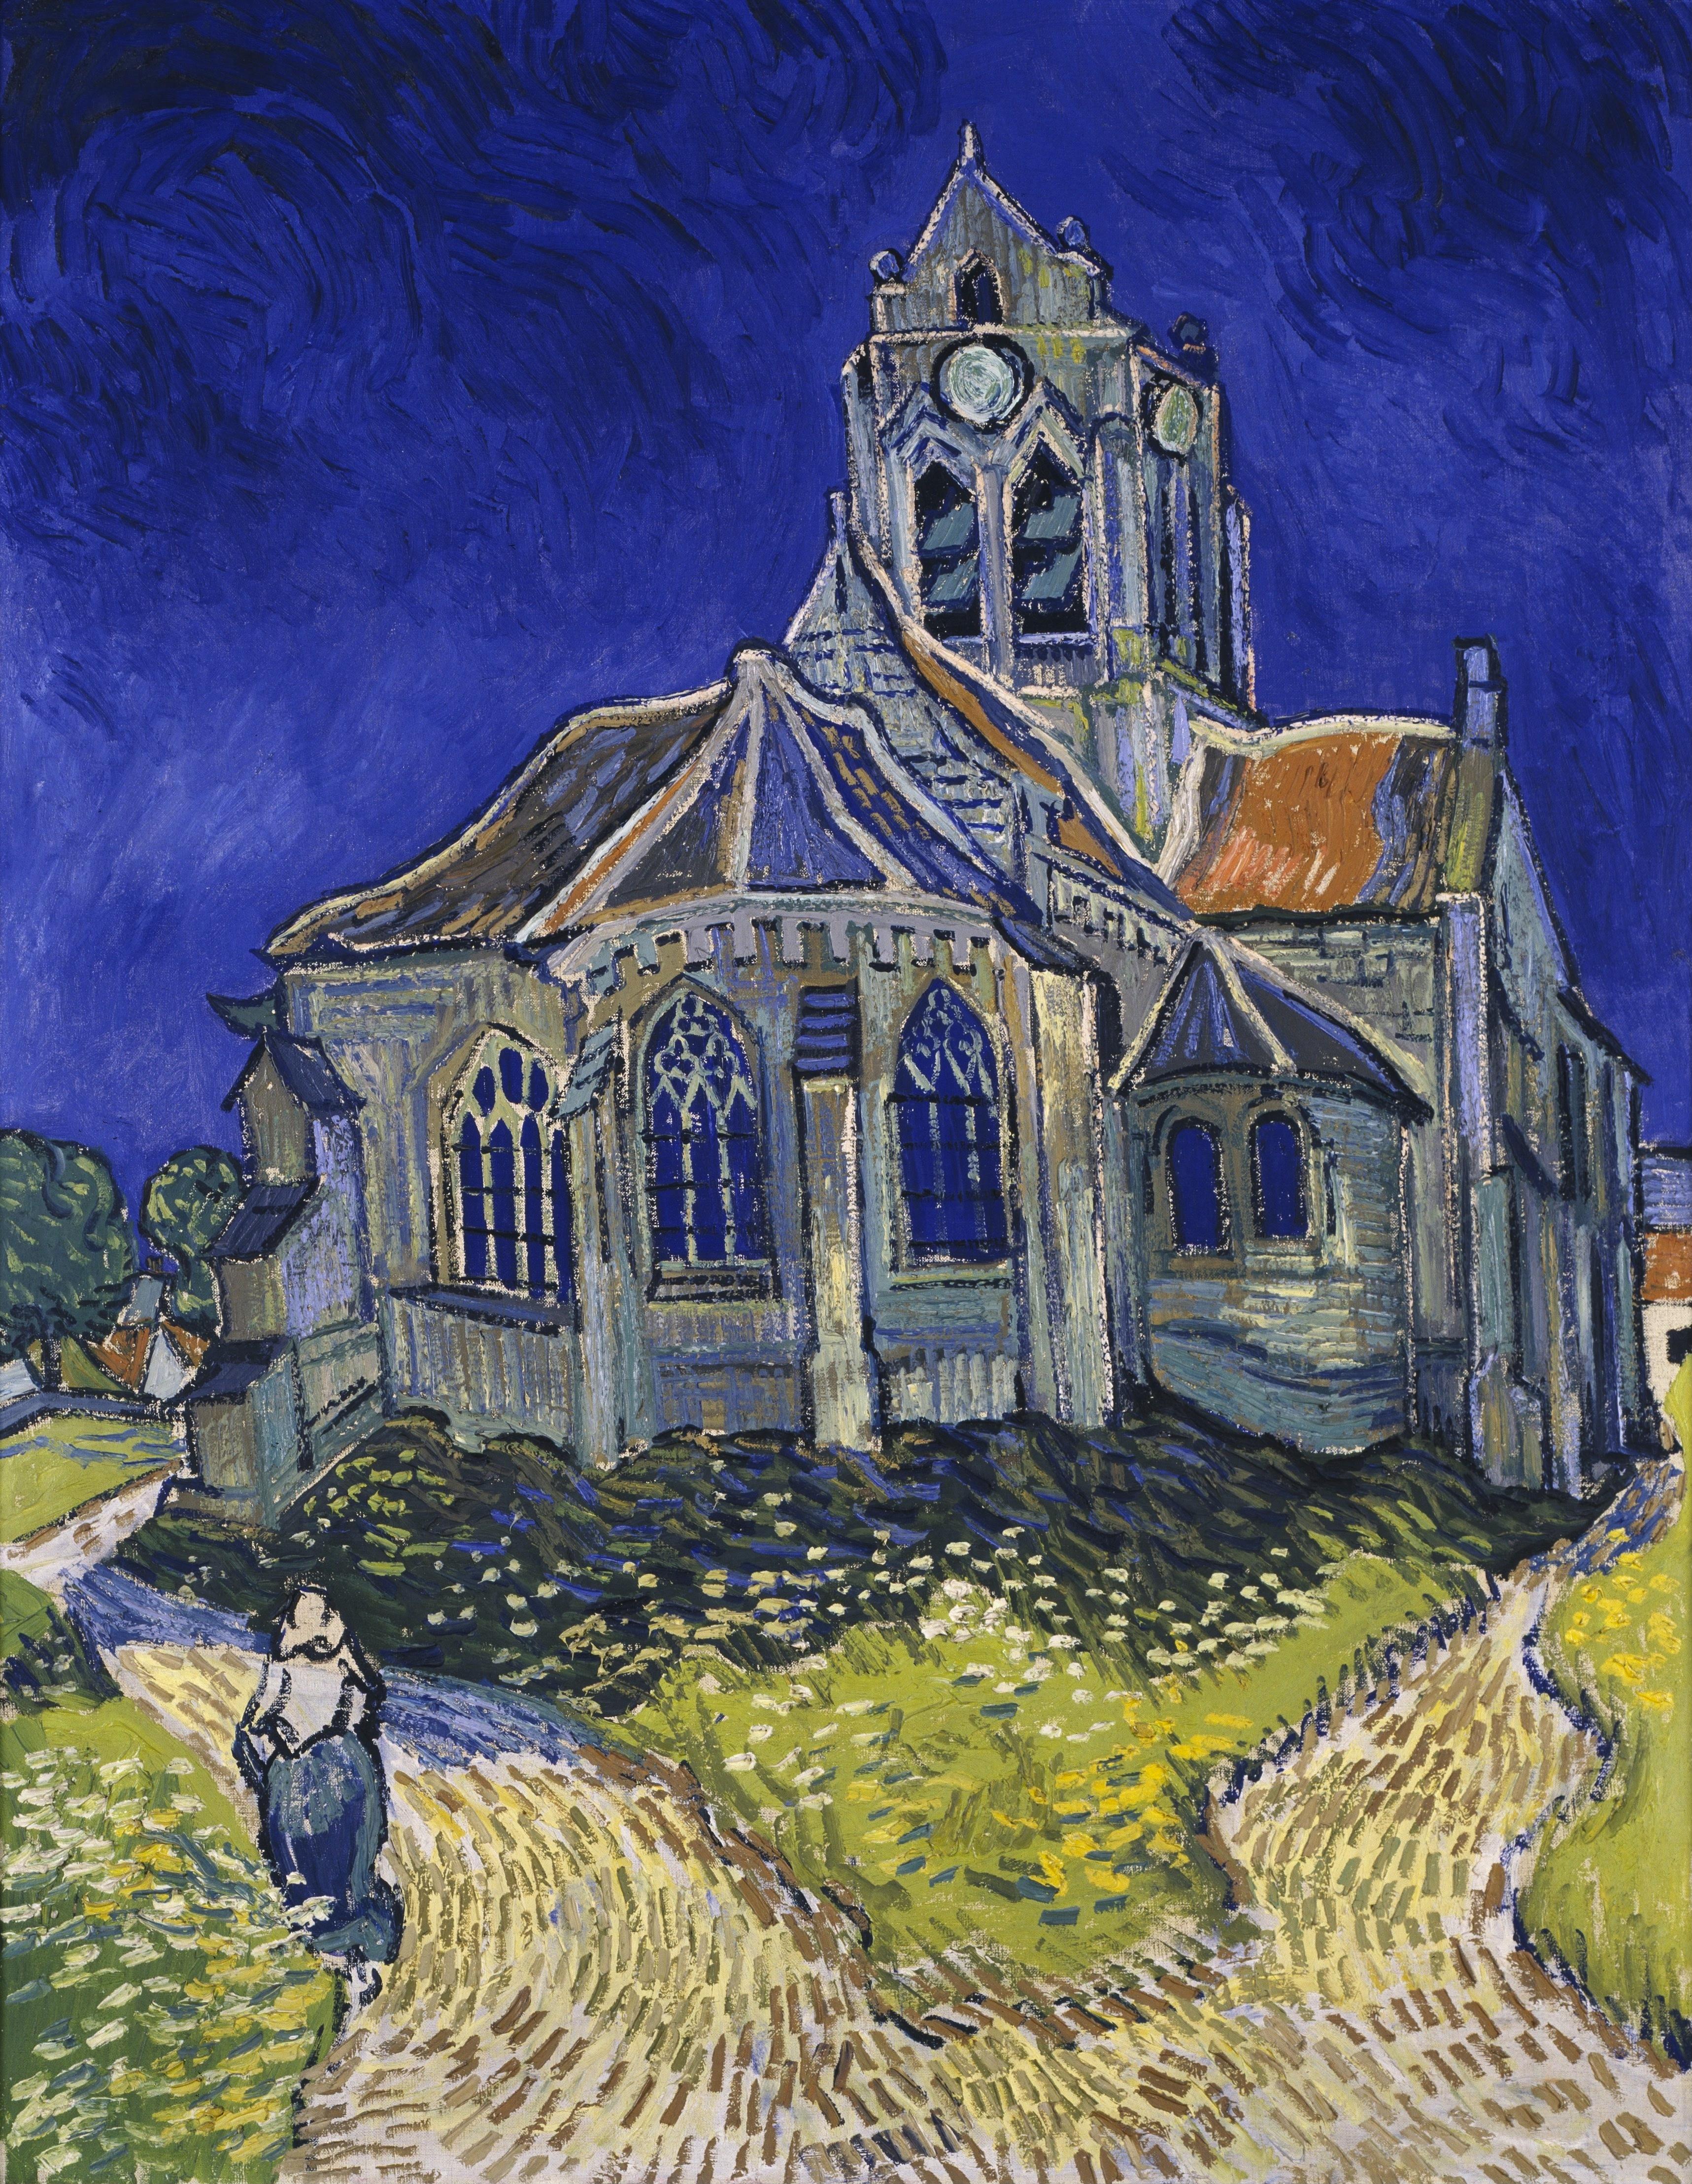 Van Gogh, Vincent. The Church at Auvers. Paris. Musée d'Orsay. 1890. Oil on canvas.